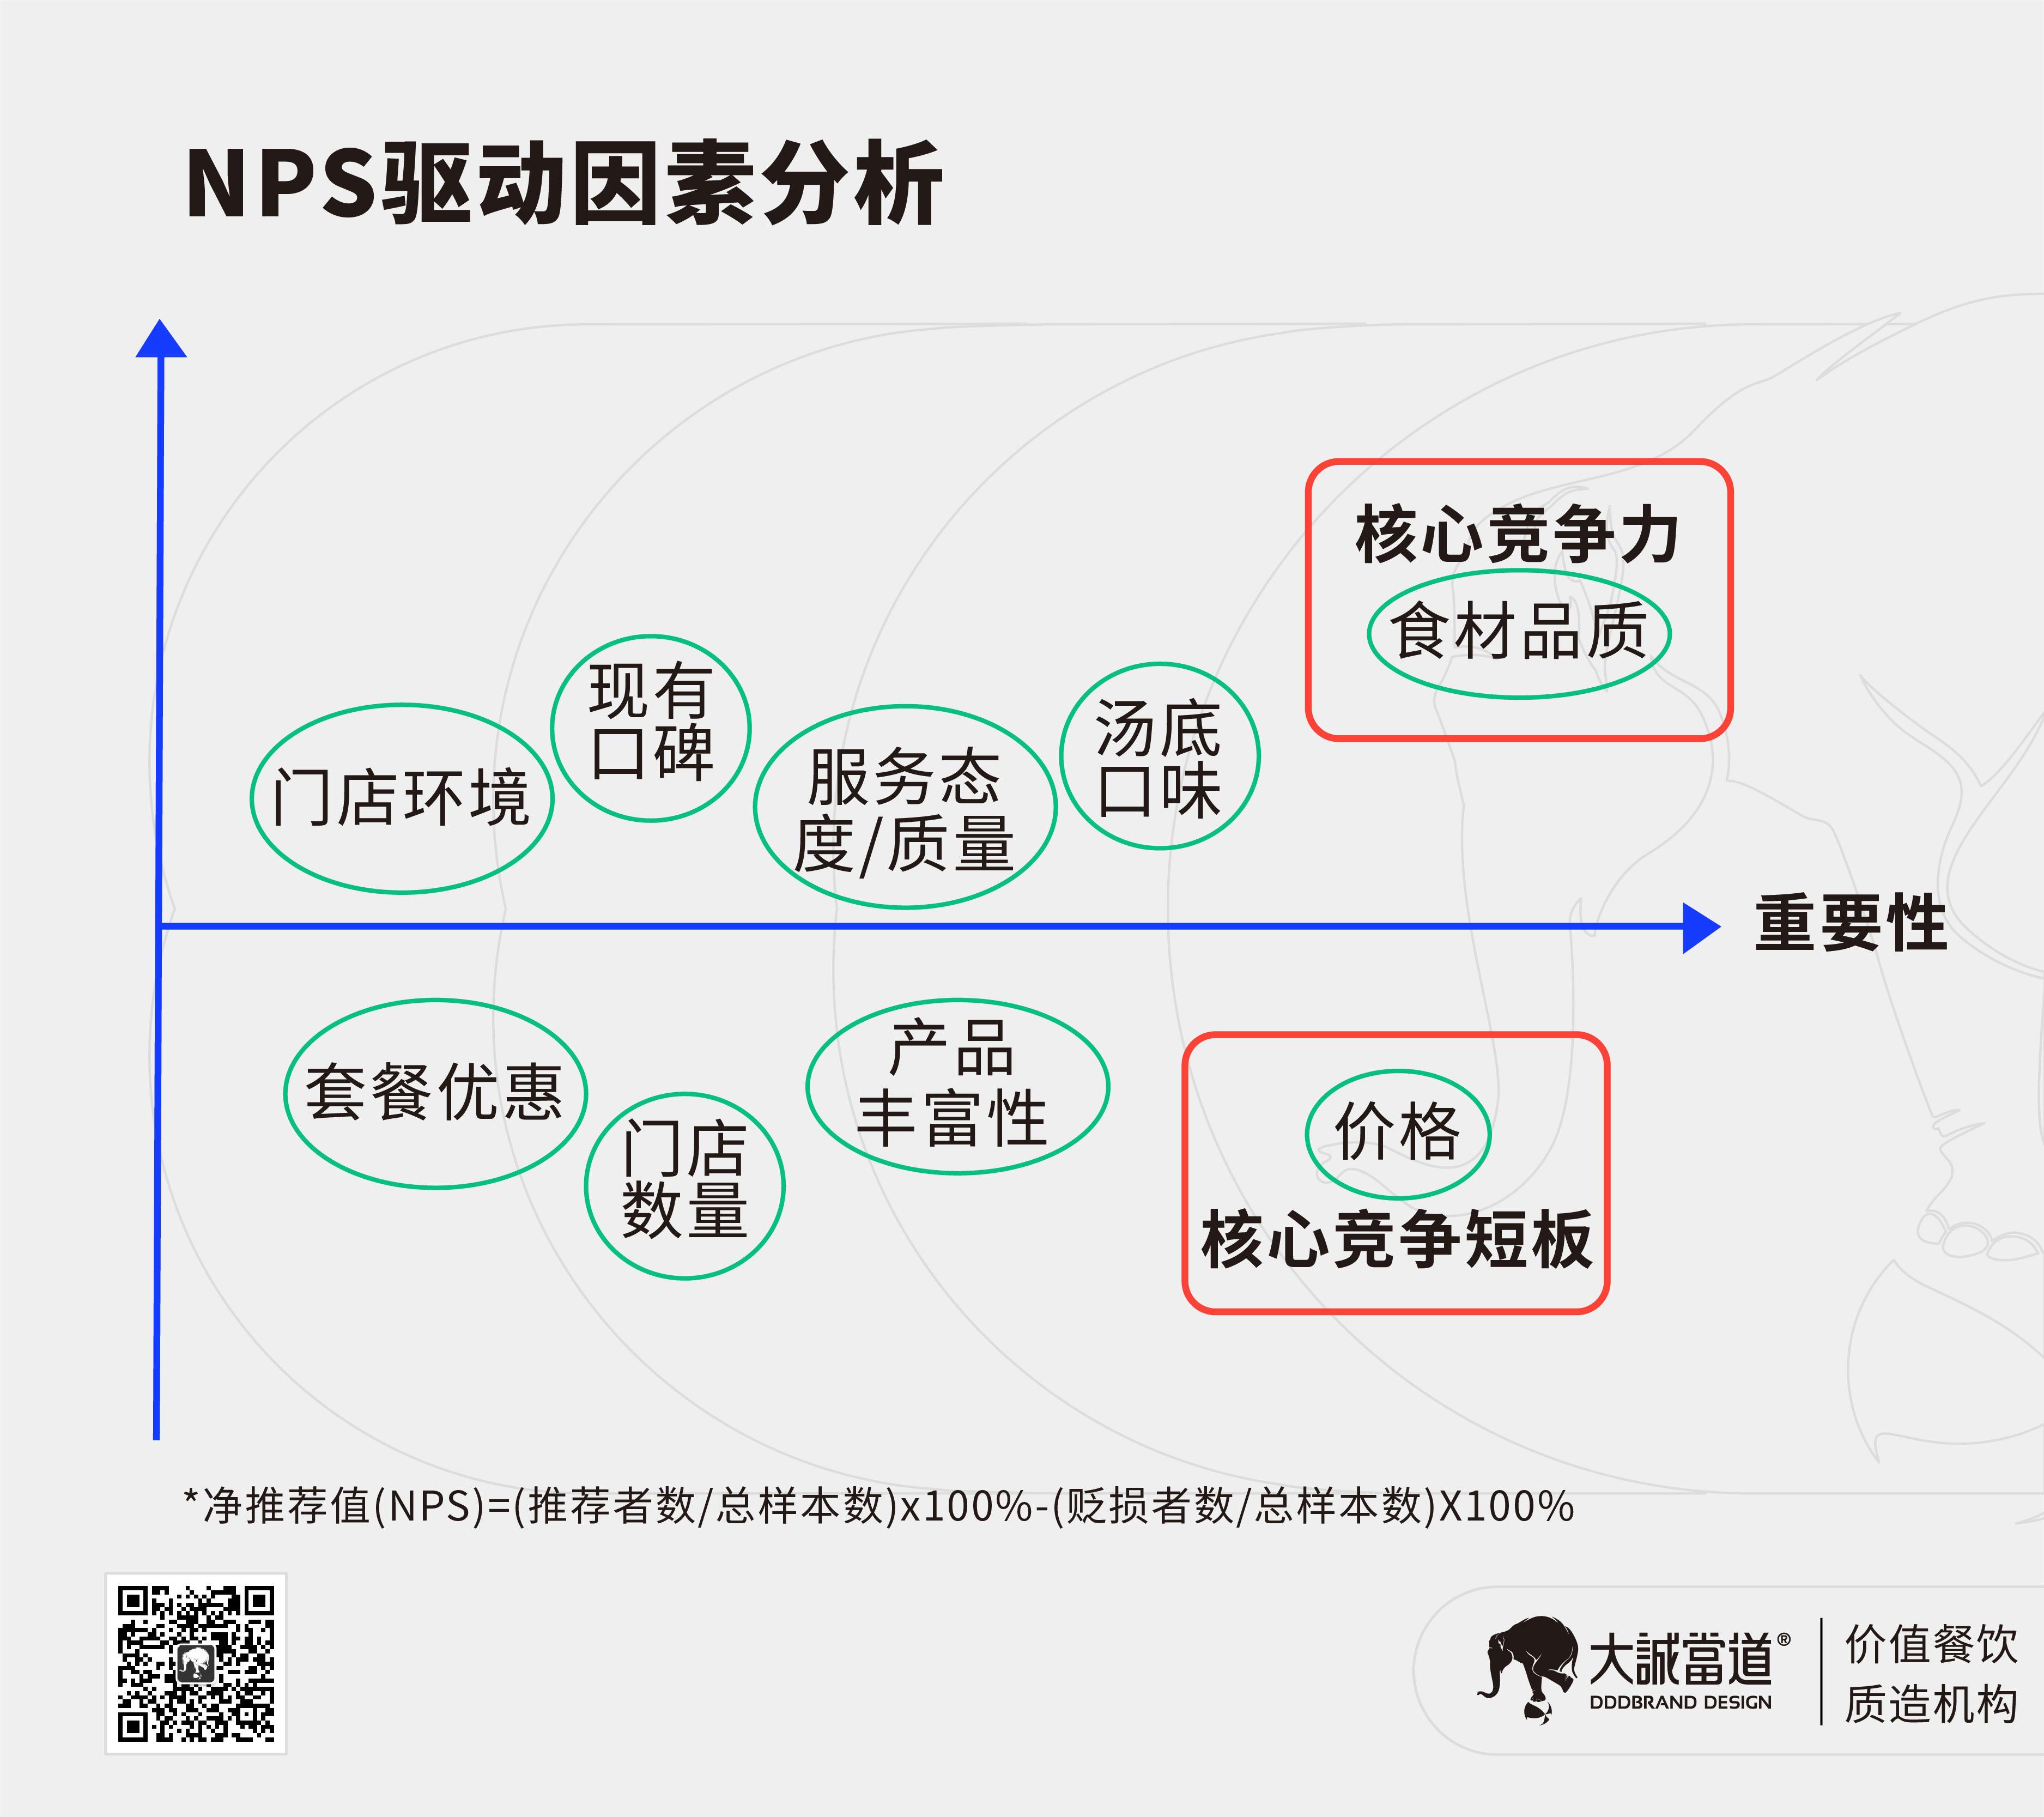 大诚_公众号卡片-14.jpg